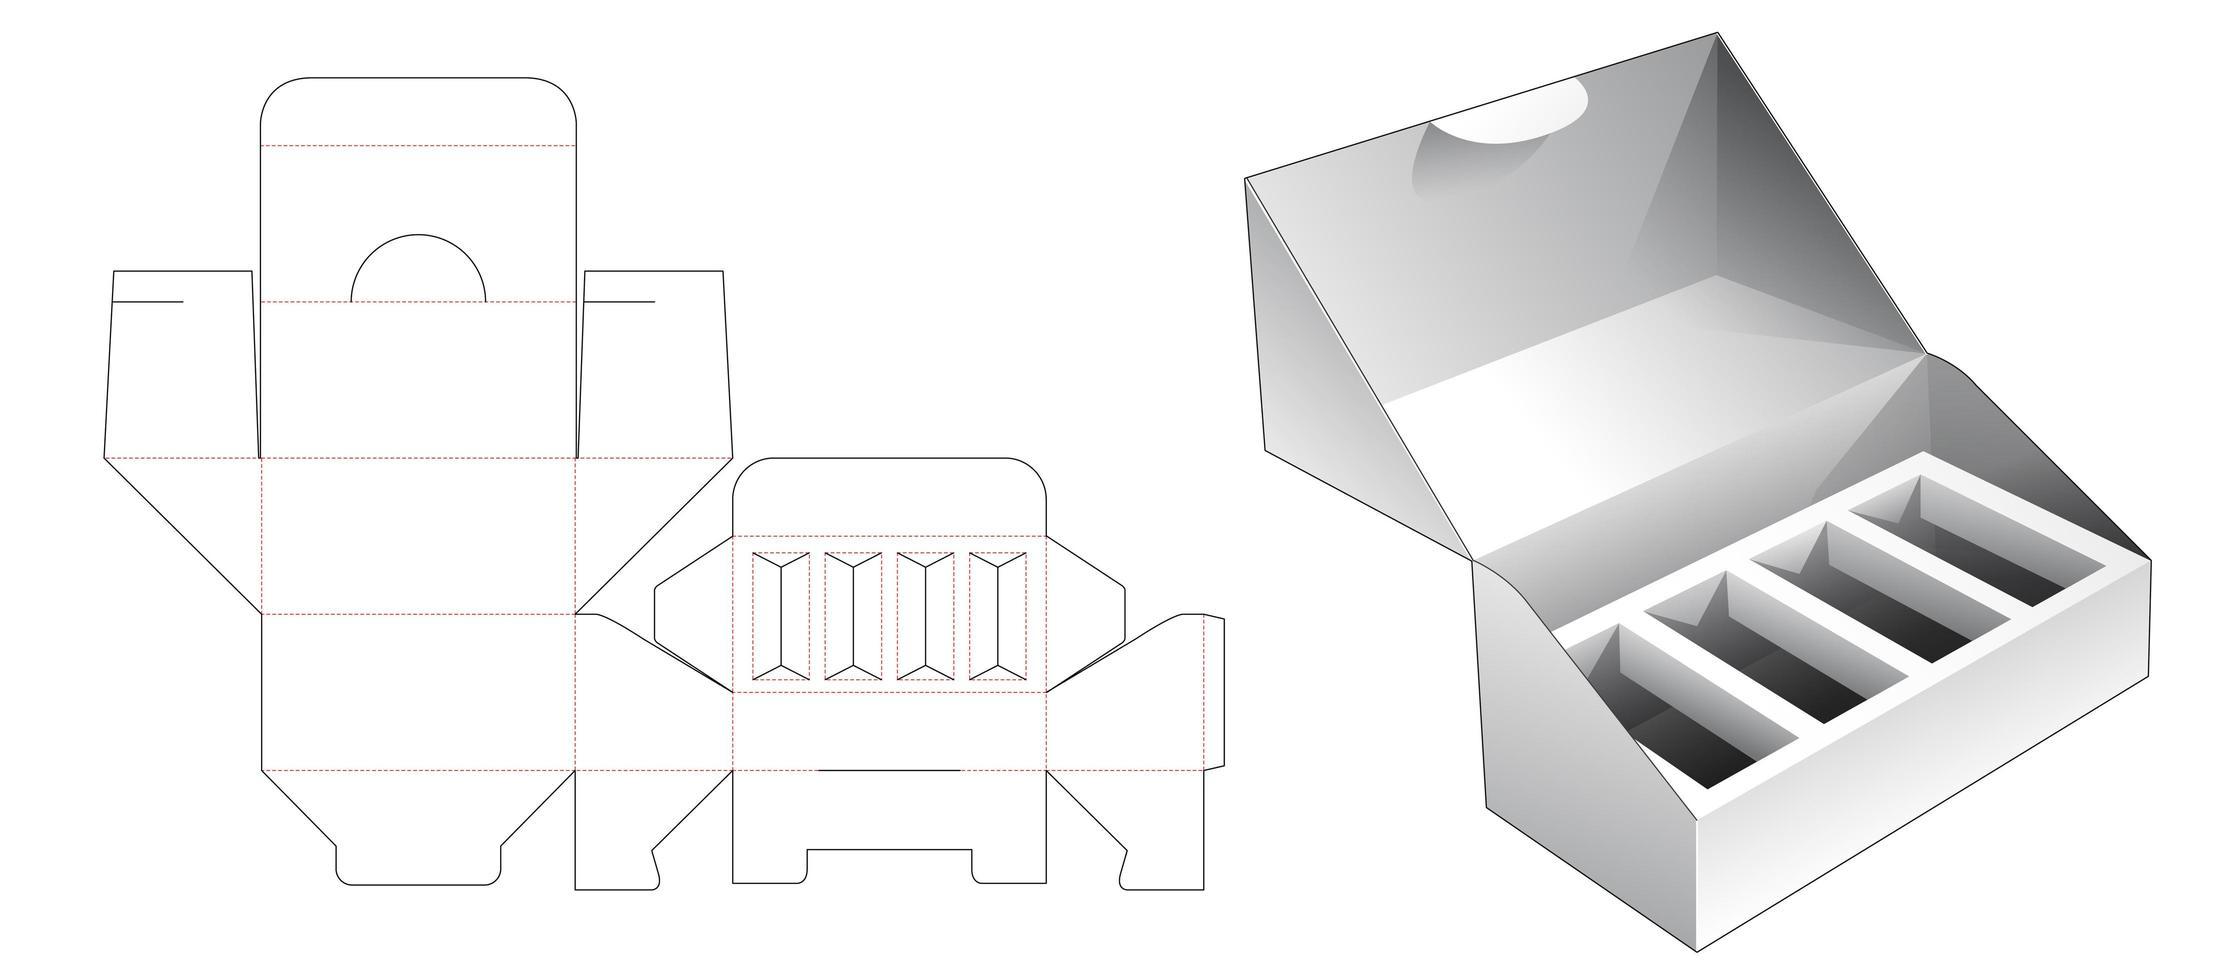 Emballage 1 pièce avec support d'insert multiple vecteur